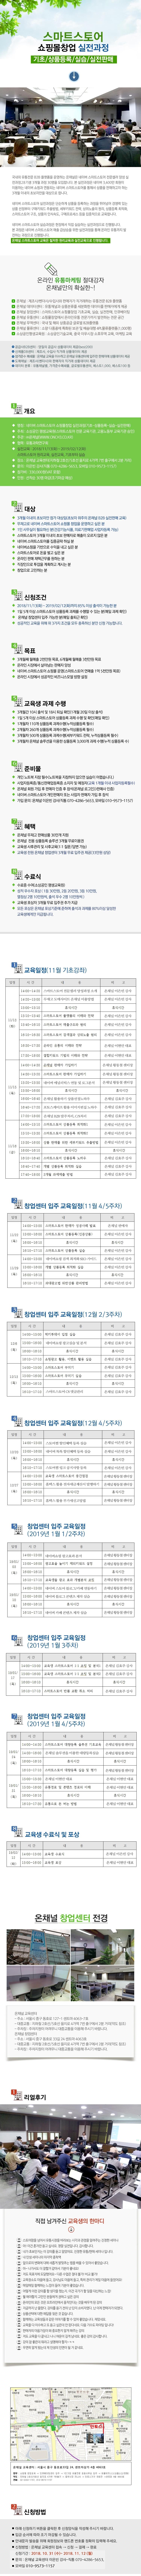 28기스마트스토어교육-수정.jpg